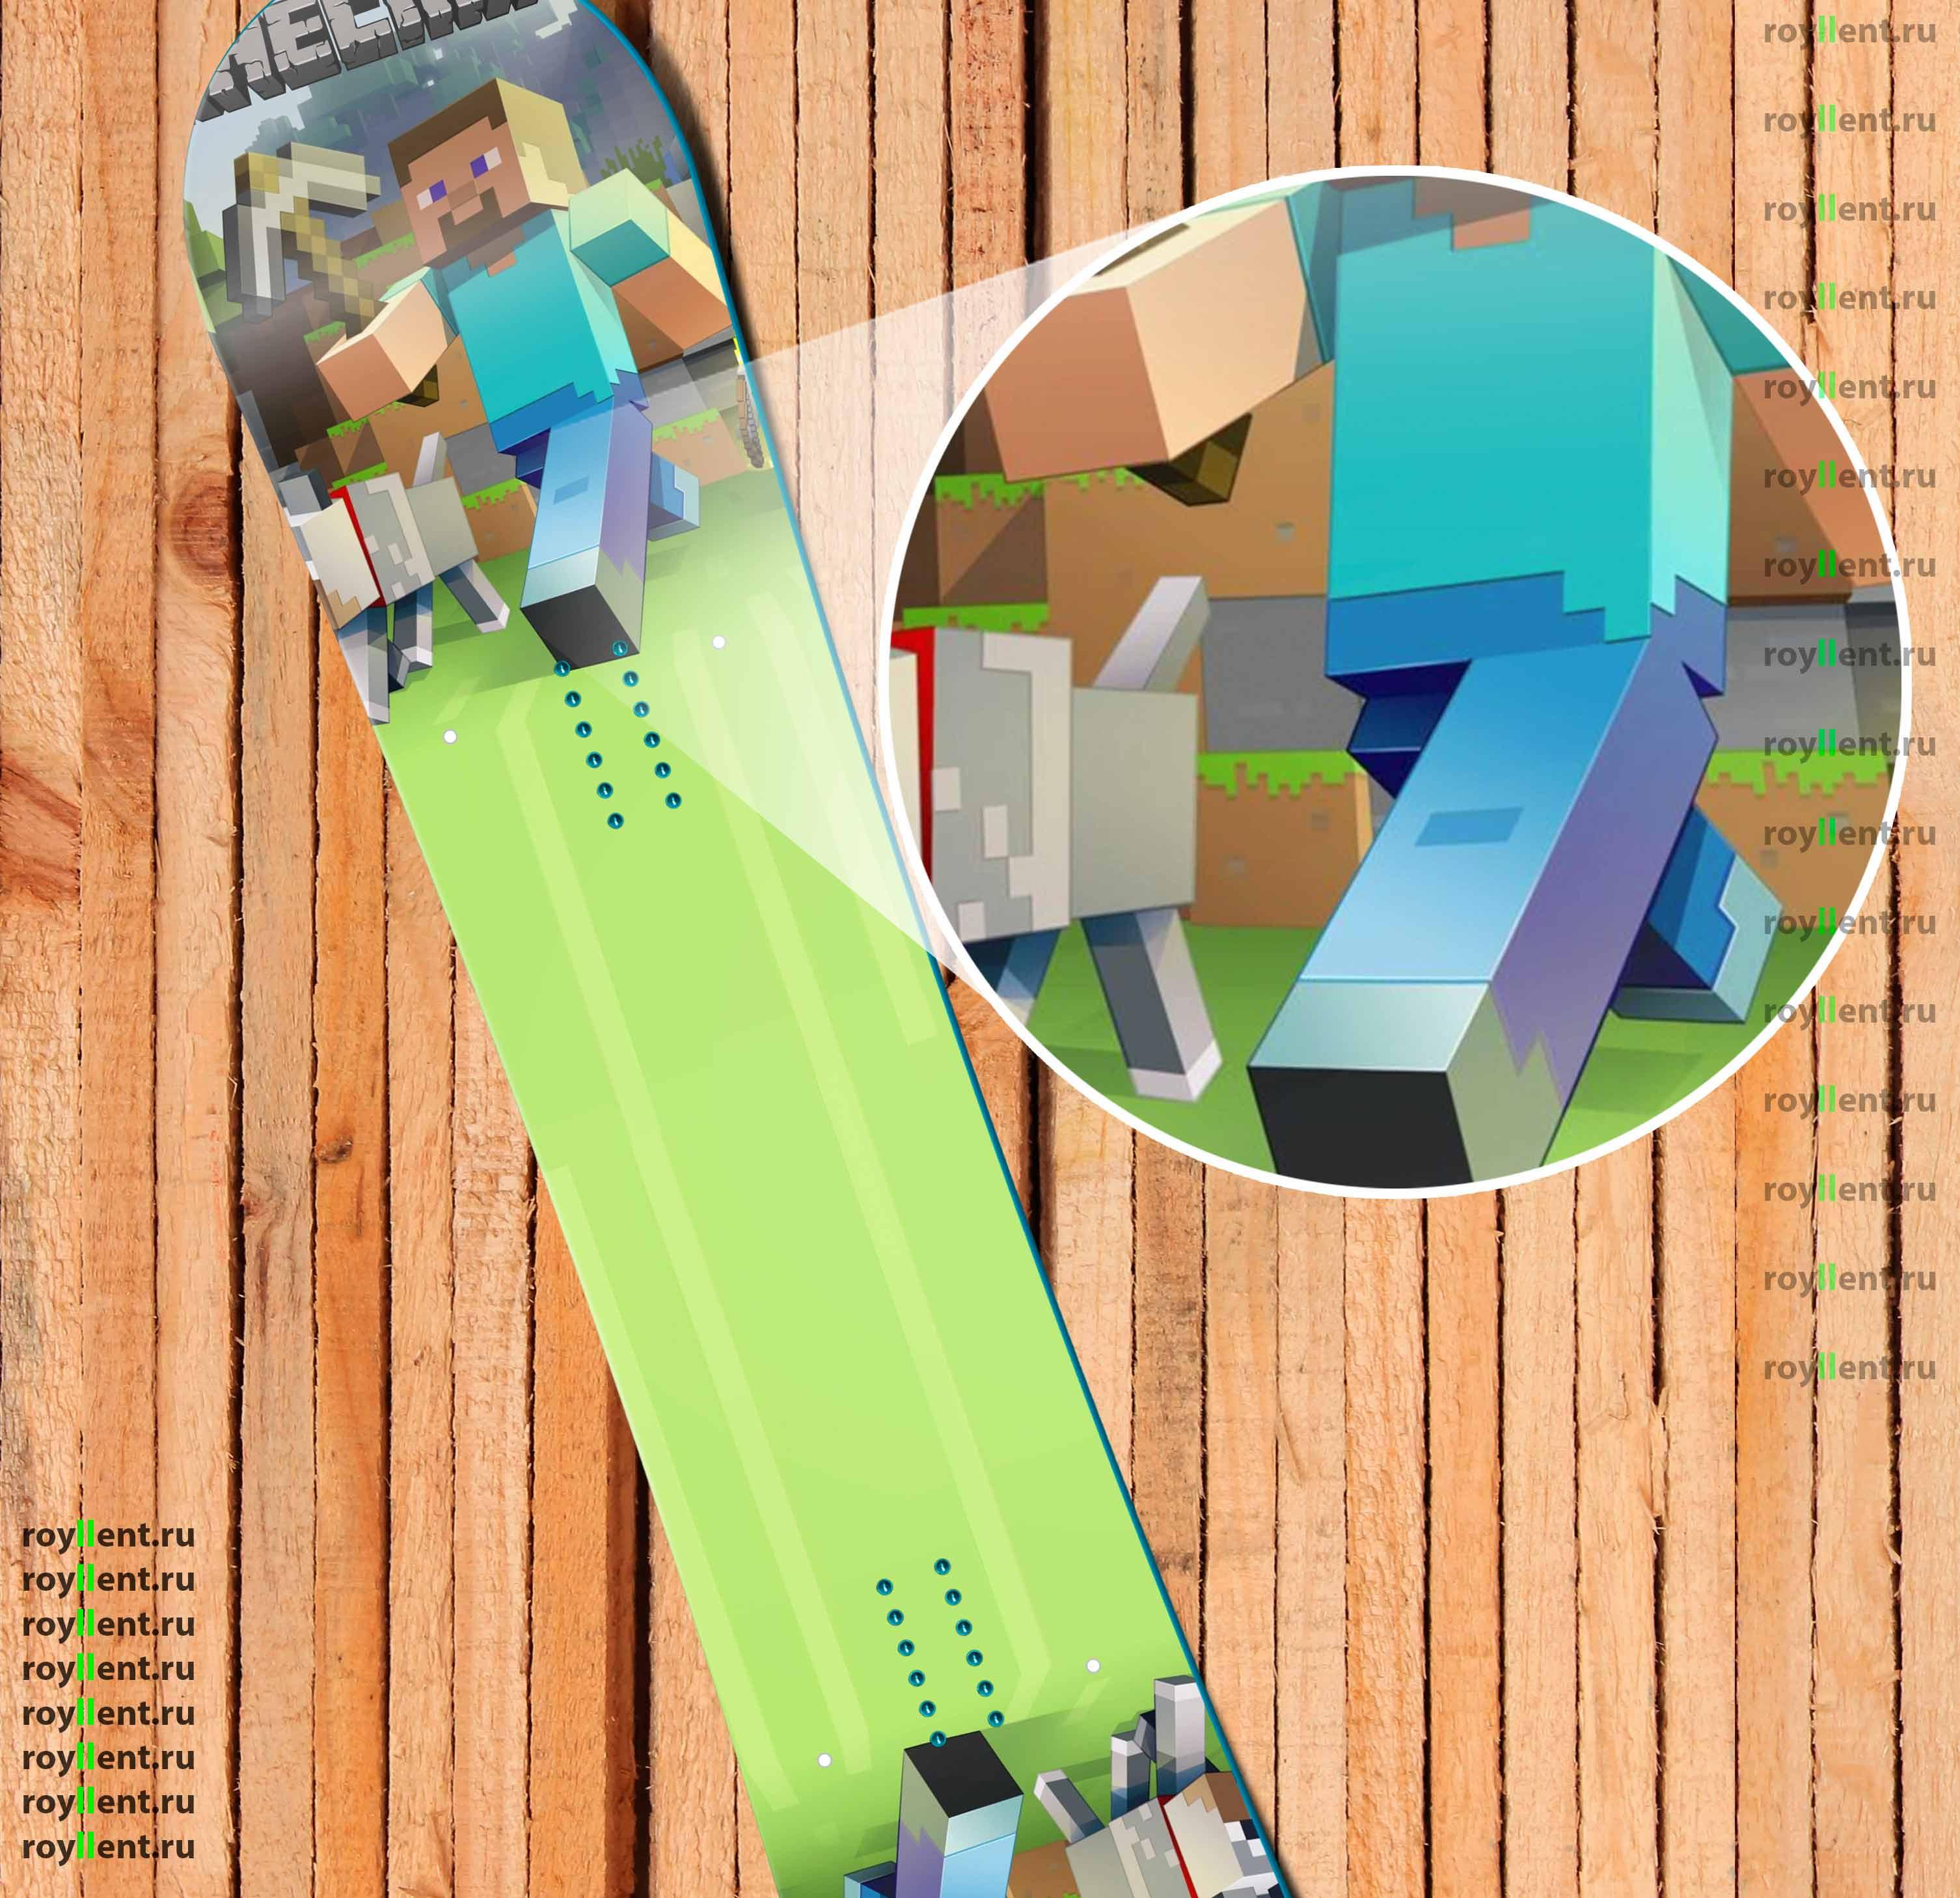 Дизайн наклейки Майнкрафт, Minecraft, наклейка Minecraft, наклейка новый дизайн, купить наклейку на доску, купить недорогую наклейку, магазин наклеек, сноуборд наклейки, заказать наклеку с доставкой, snowboard sticker